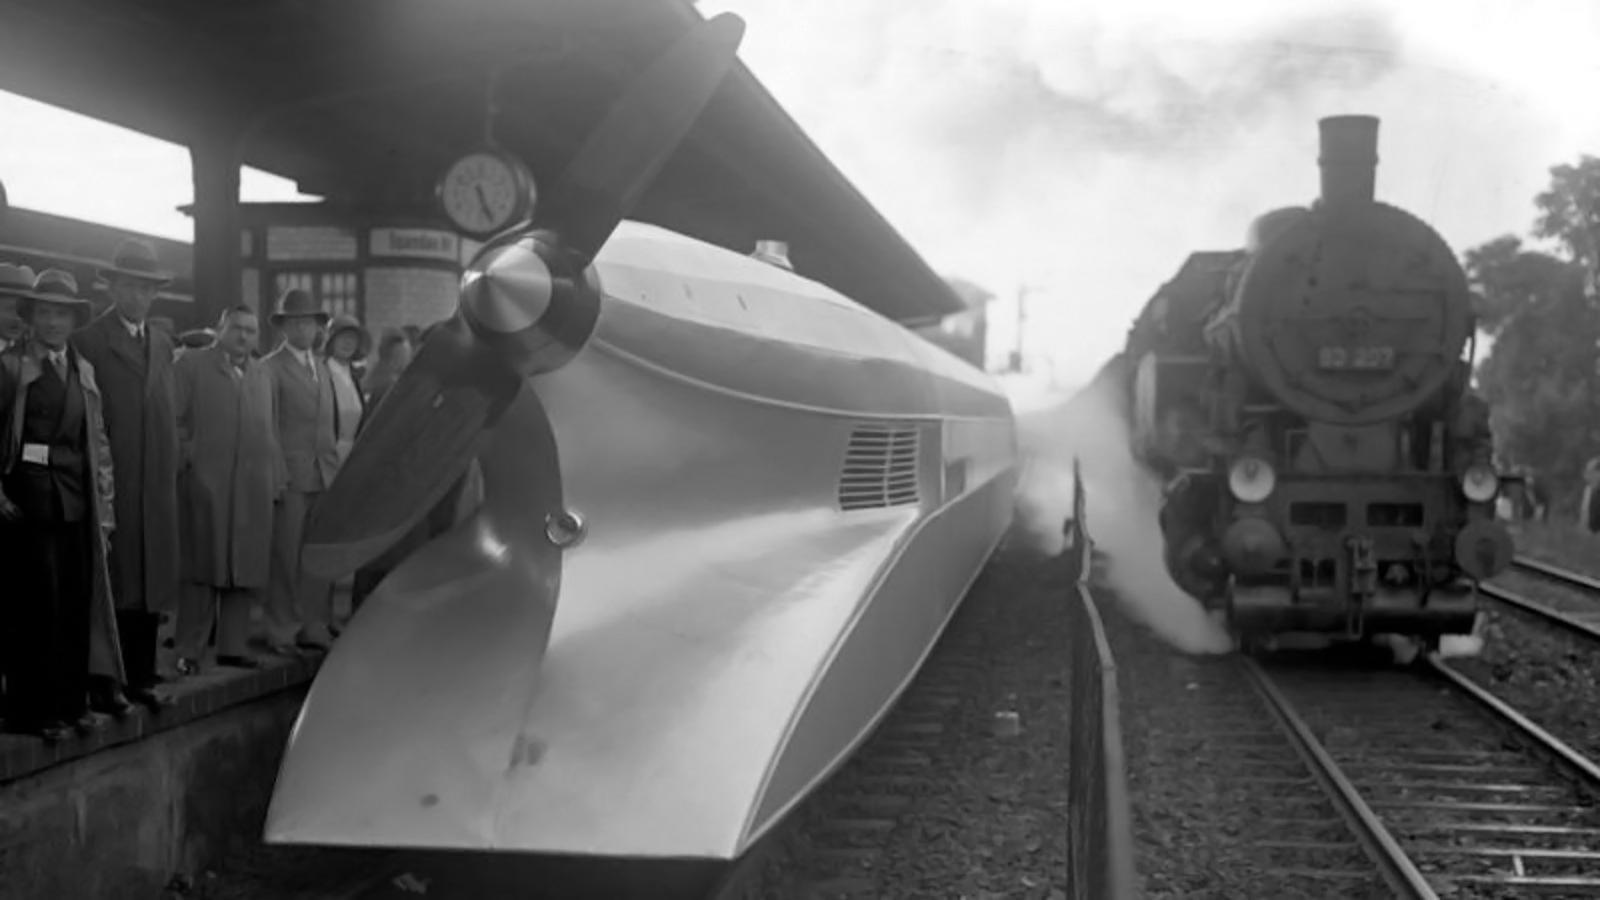 Schienenzeppelin- the Rail Zeppelin, June 1931